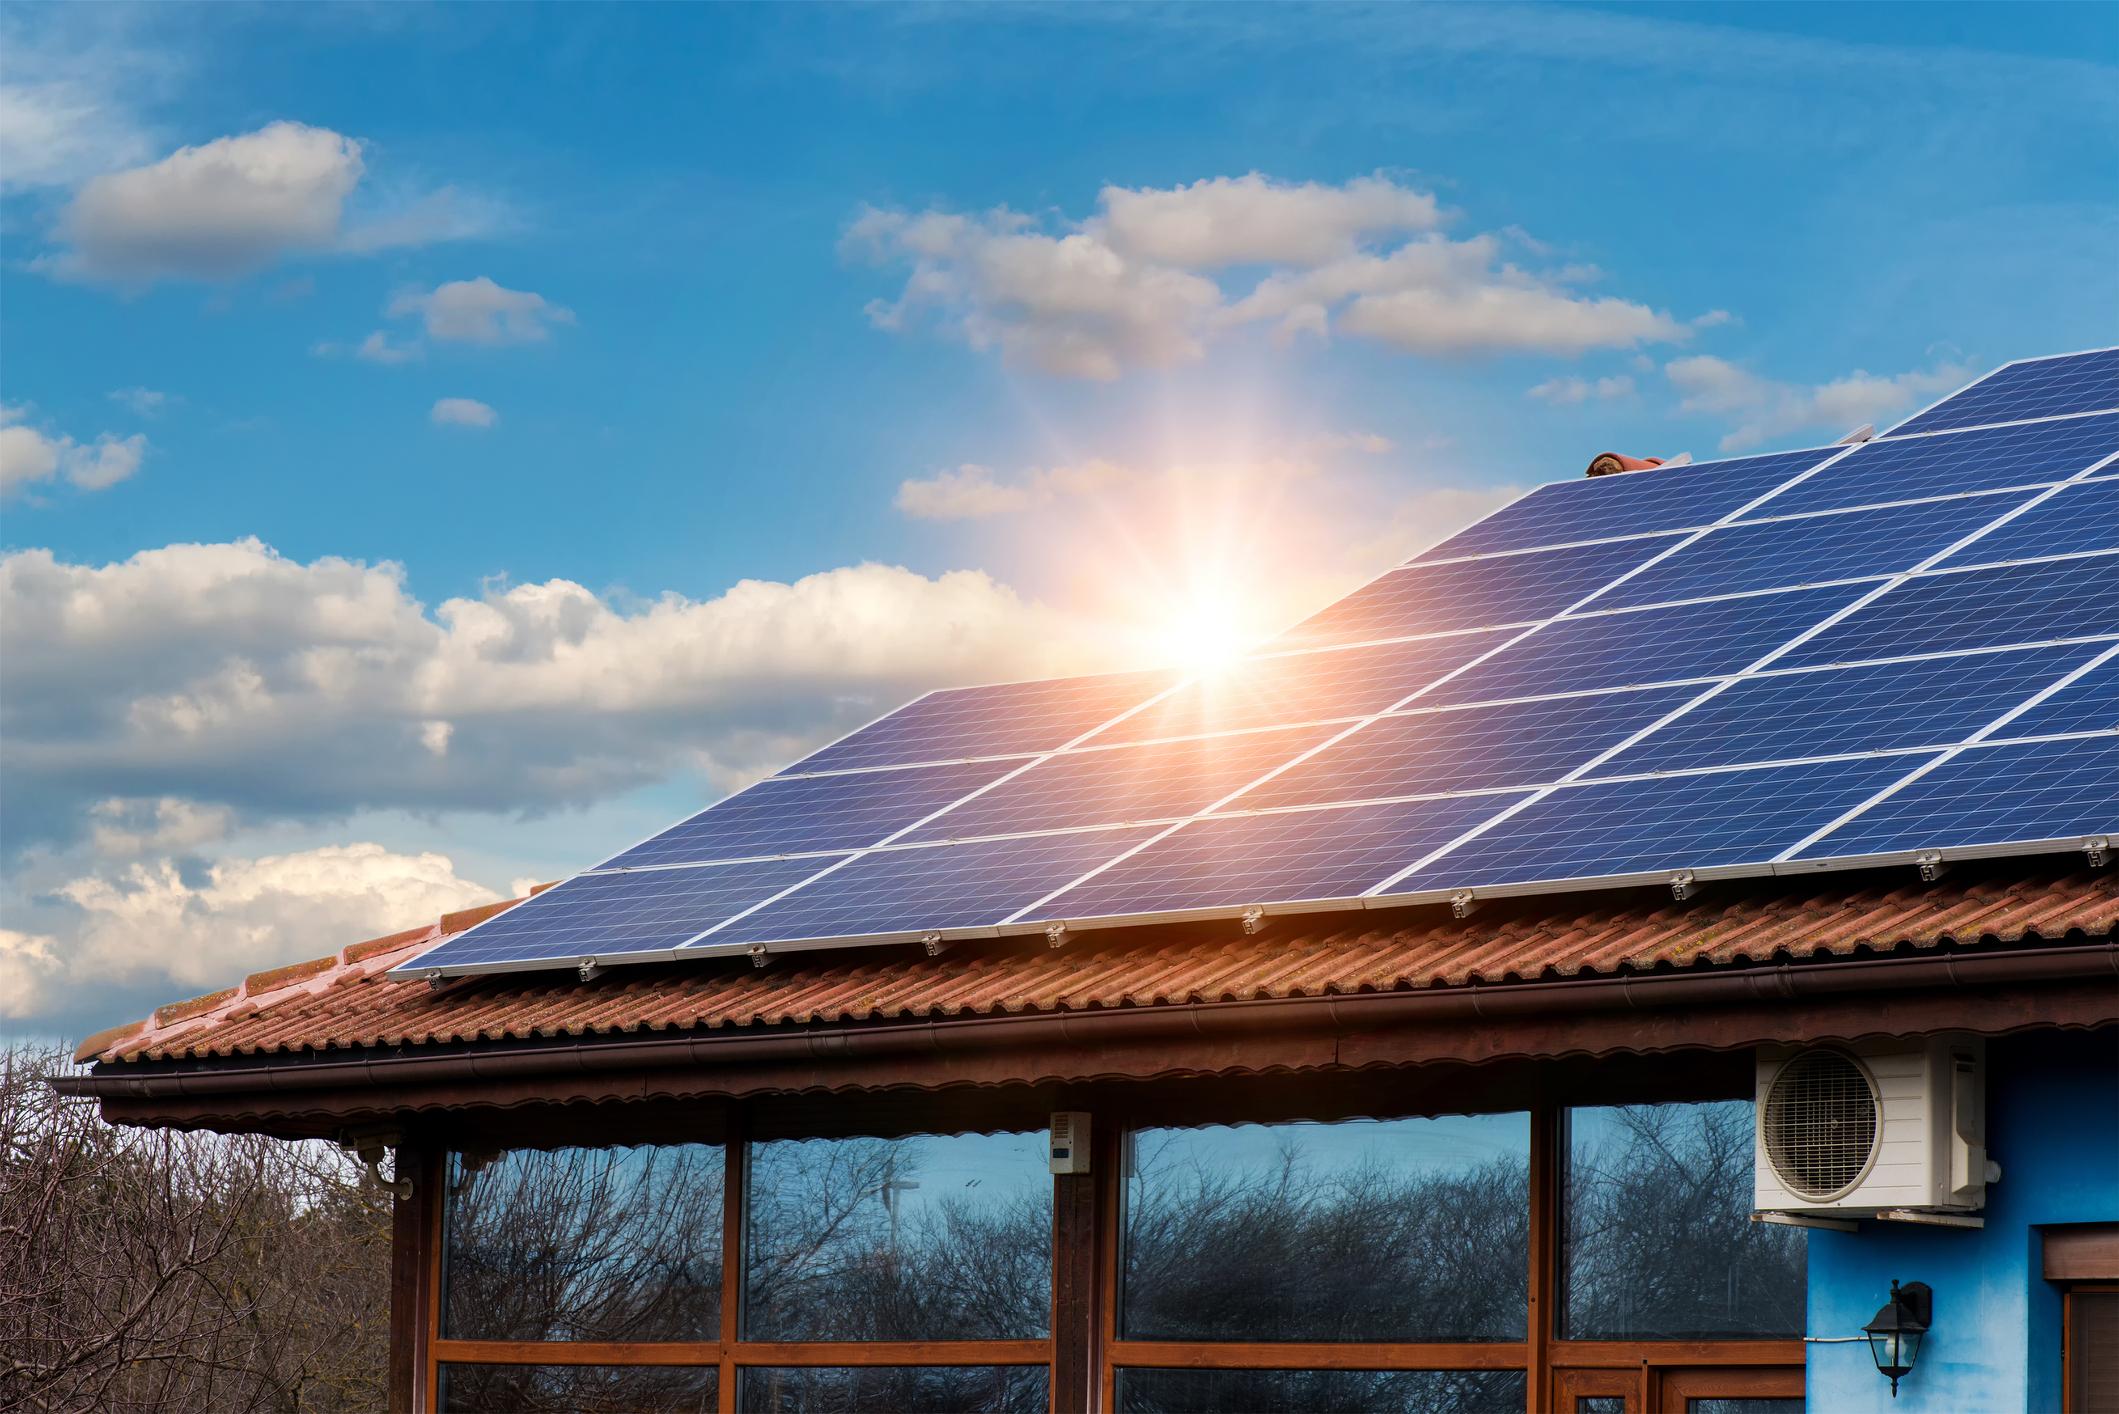 Iberdrola comienza a ofrecer paneles solares a sus clientes: puedes ahorrar hasta un 70%